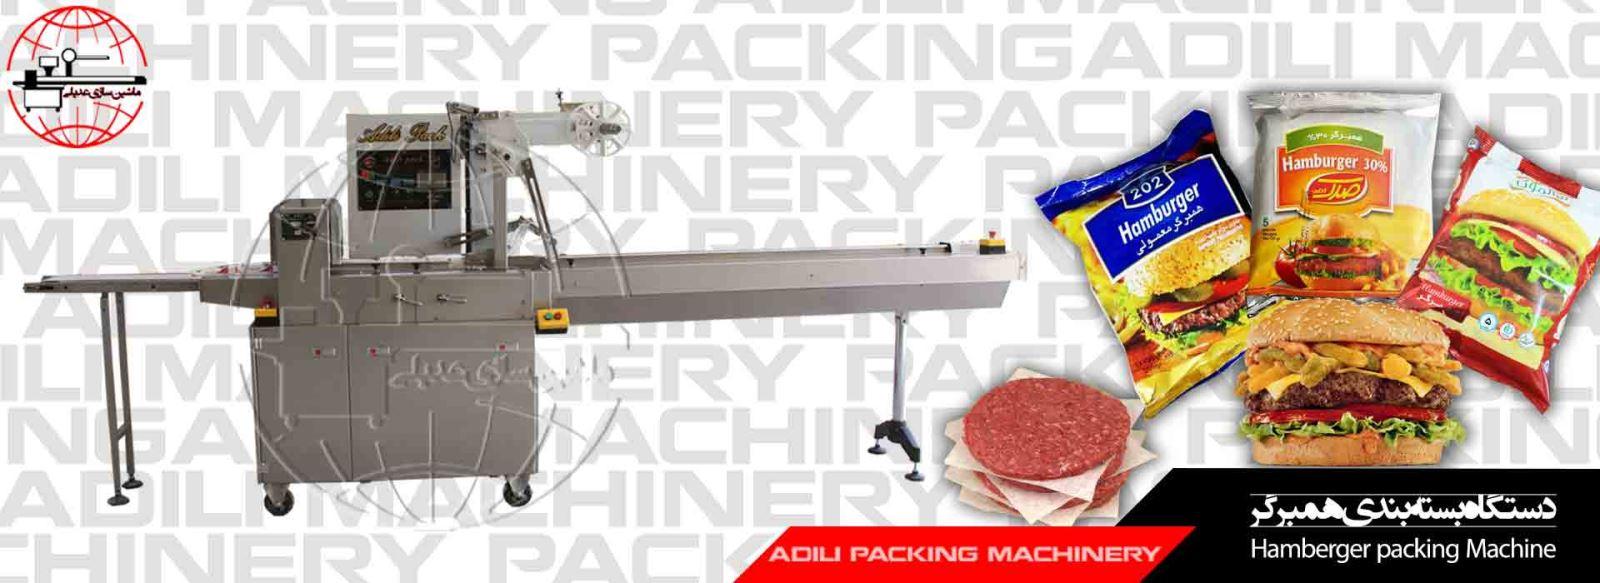 دستگاه بسته بندی همبرگر یک نمونه از ماشین آلات بسته بندی با سیستم PLC ,مکانیک با چشم فتوسل و مکانیک ساده بوده که محصولات را به صورت پیلوپک (دو طرف دوخت) بسته بندی می کند.